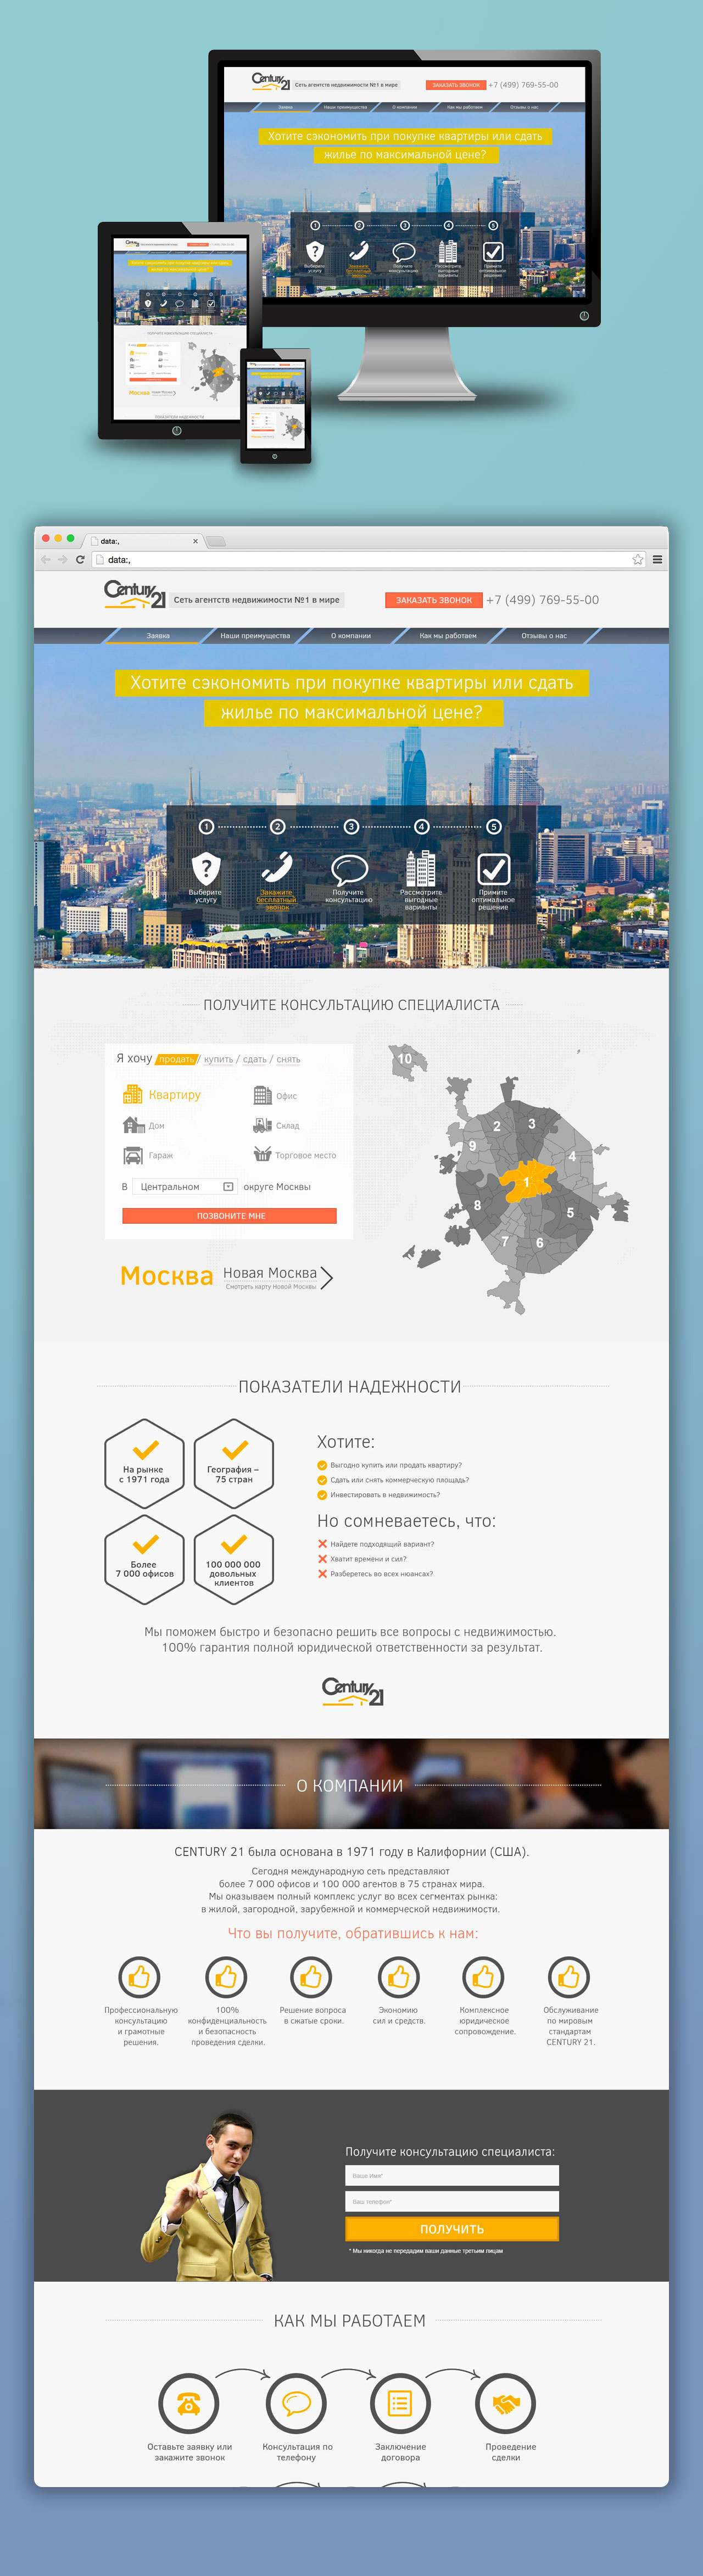 Дизайн Landing Page для агентства по сделкам с недвижимостью Century21